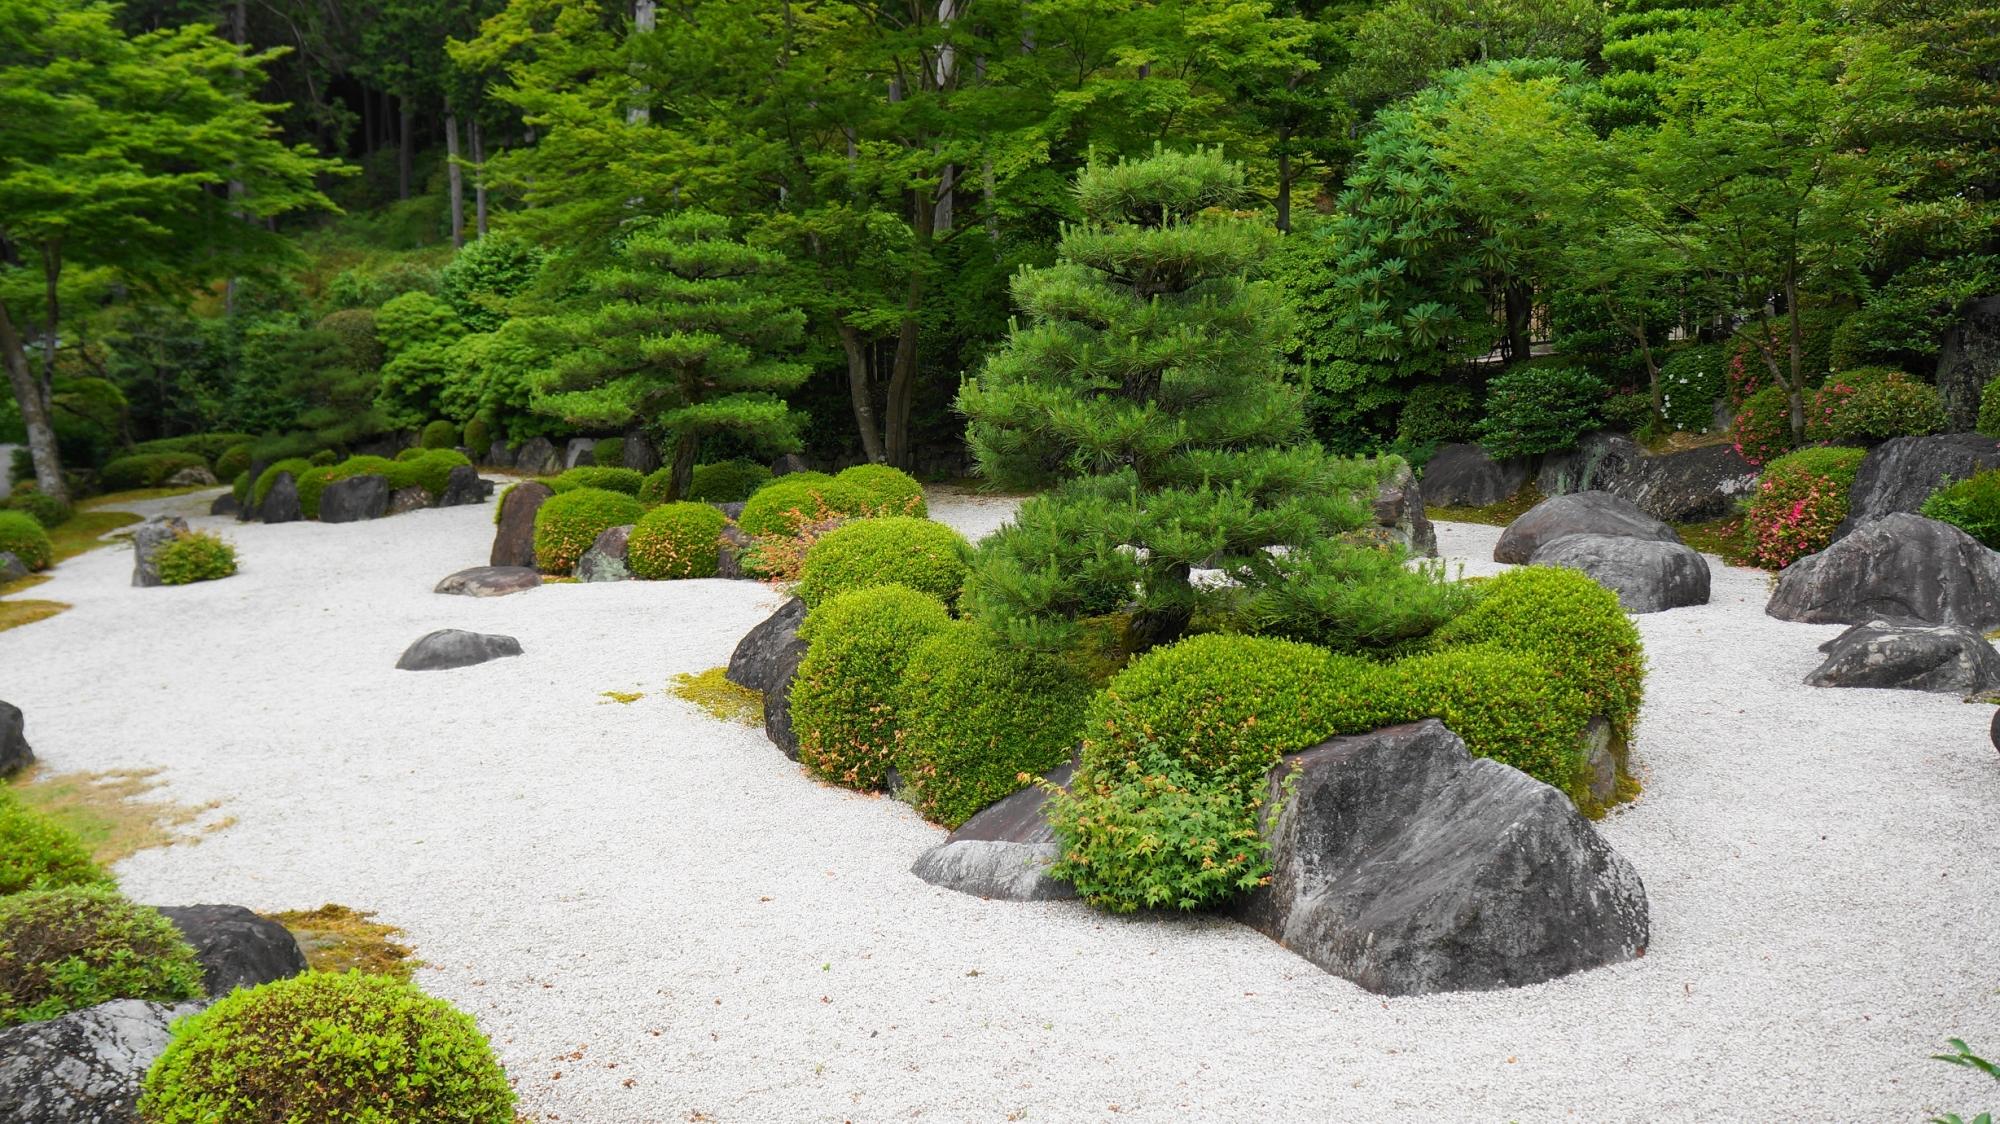 三室戸寺の白砂と緑の美しい枯山水庭園(石庭)